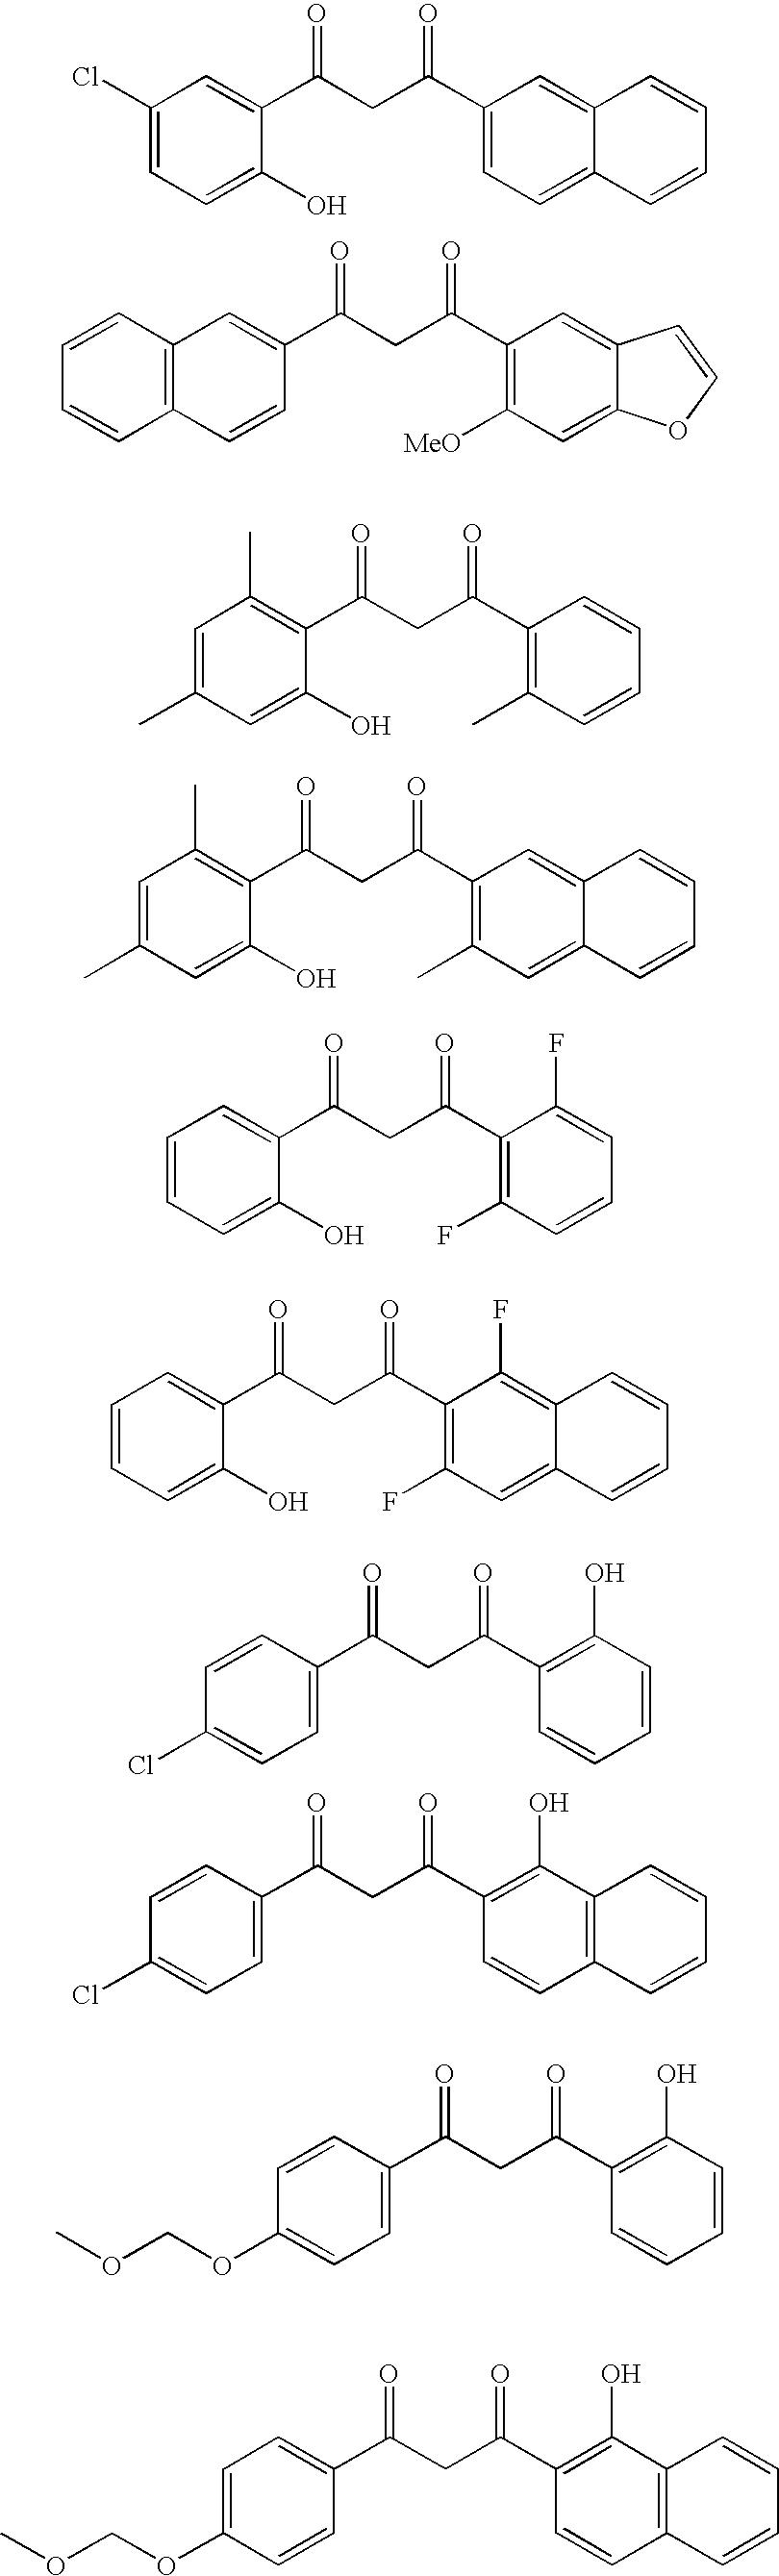 Figure US07955861-20110607-C00013